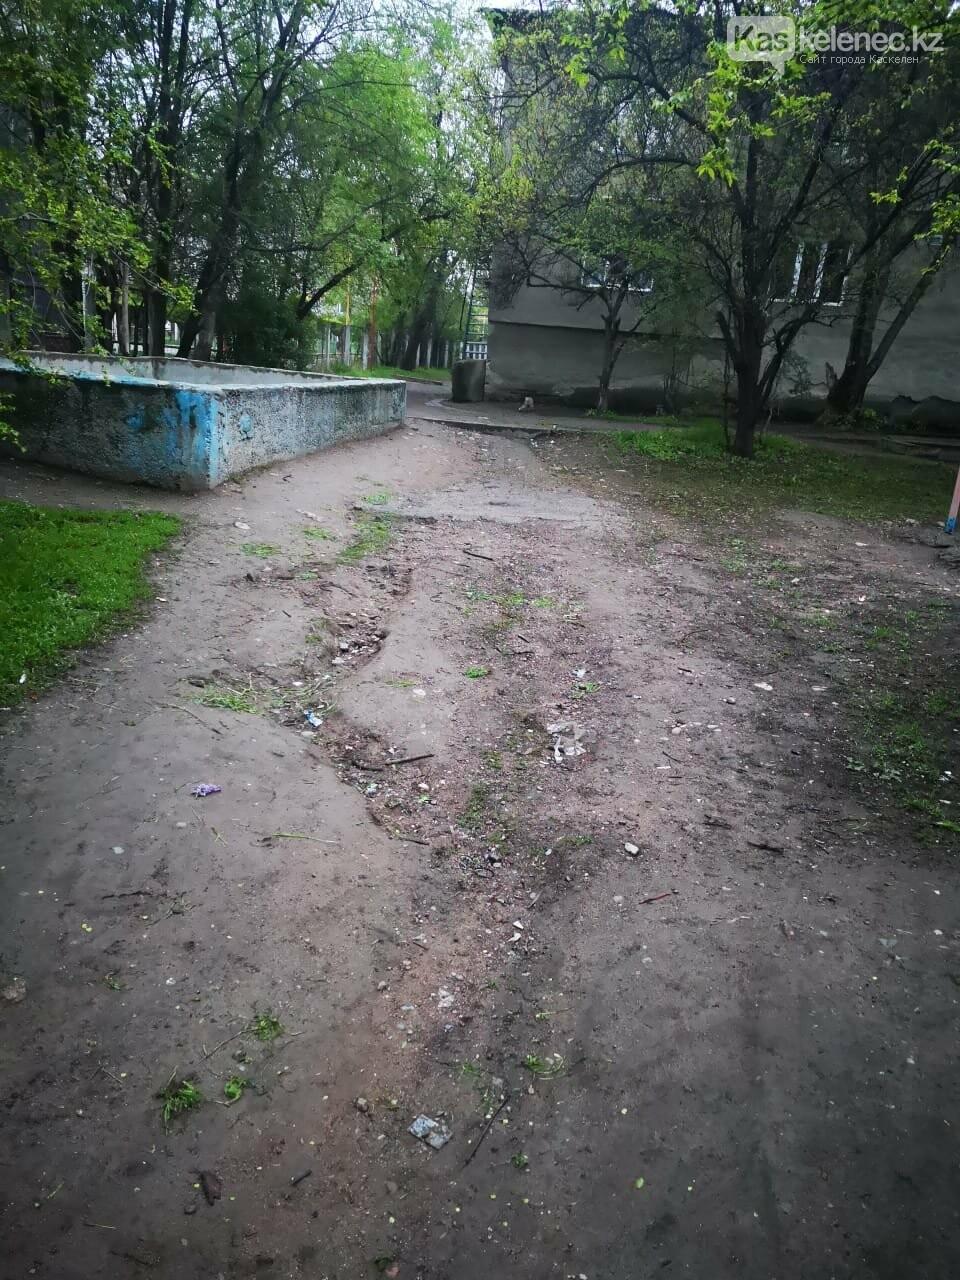 Когда акимат вспомнит о нас? - три года жители Каскелена ждут ремонта в своем дворе, фото-5